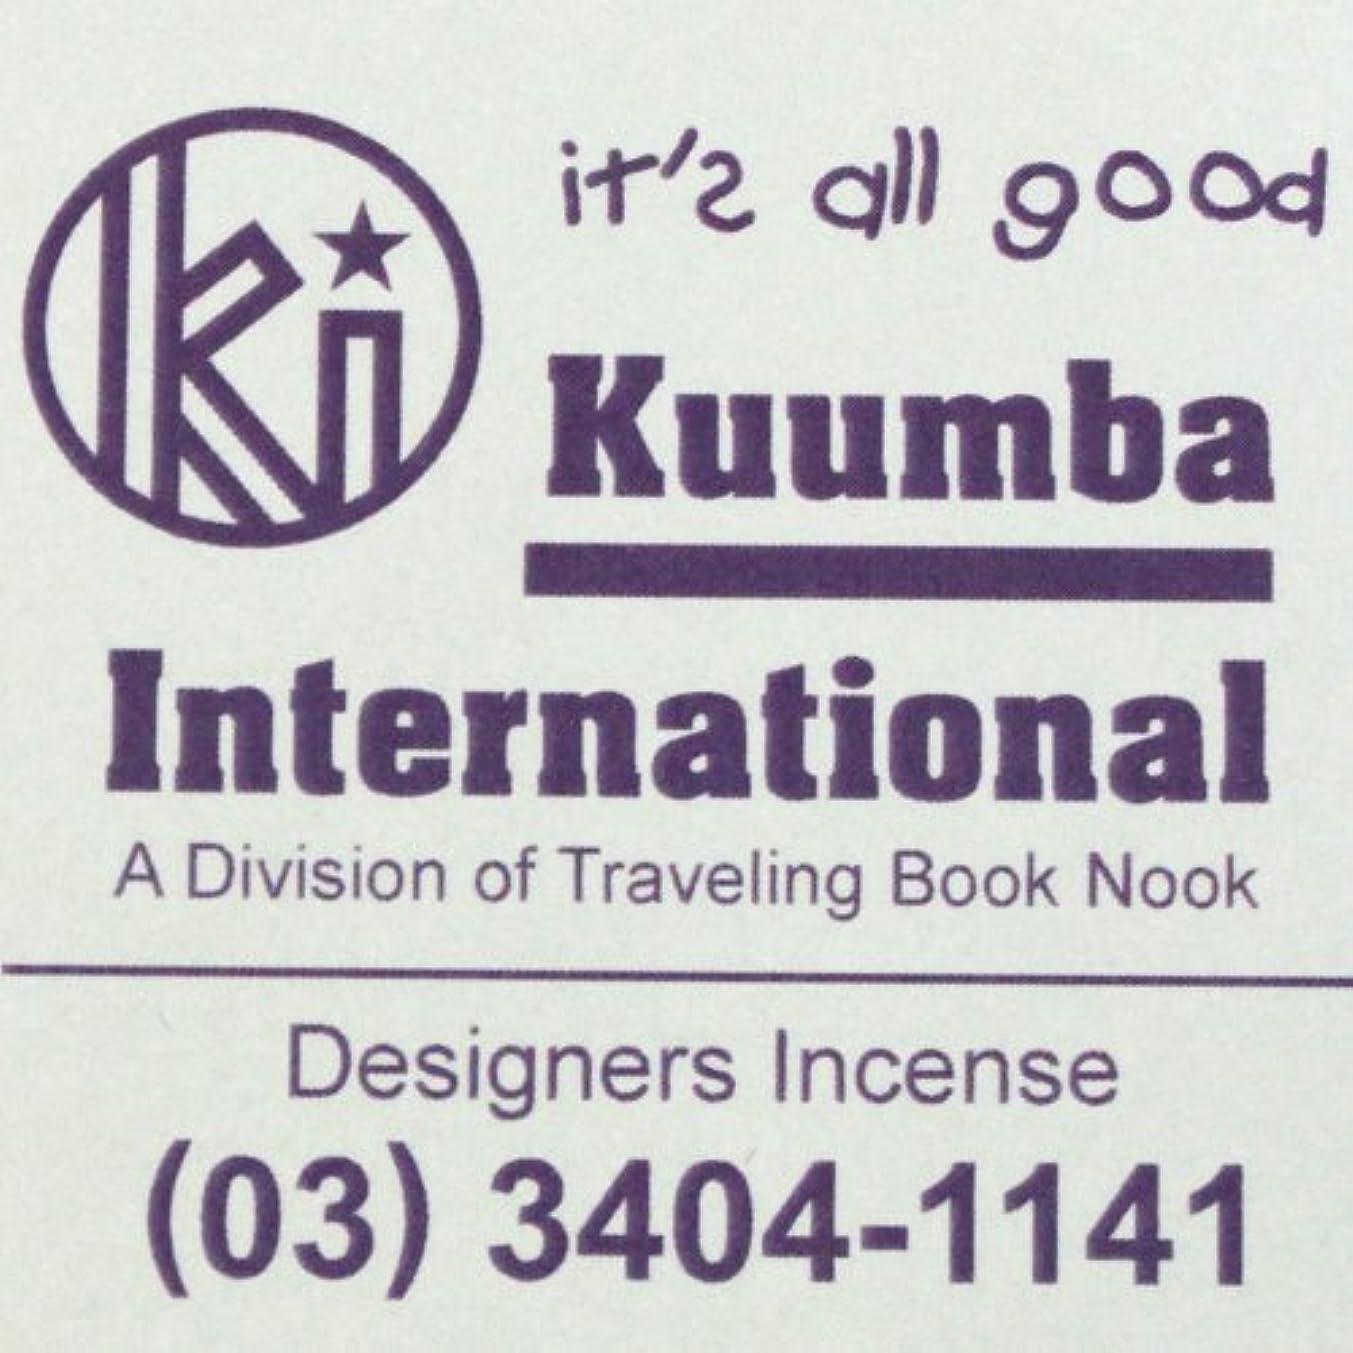 住人追う休暇KUUMBA (クンバ)『incense』(it's all good) (Regular size)